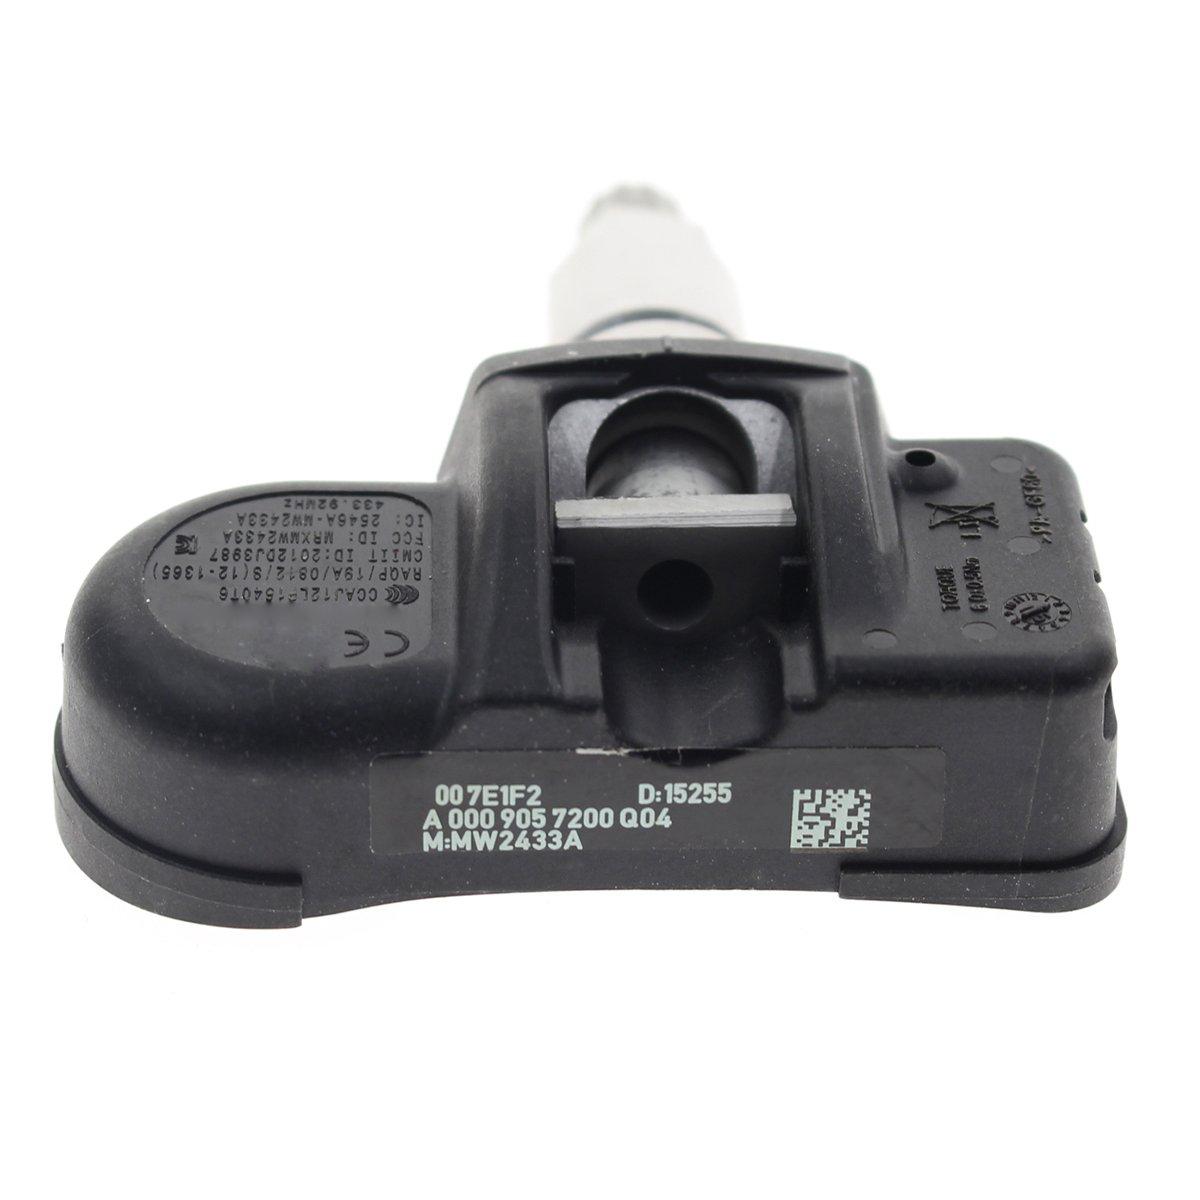 Autokay 4 Pcs Tire Pressure Sensor Tpms For Mercedes 350 Clk Electrical Wiring Diagram Benz C250 C300 C350 9057200q03 Automotive